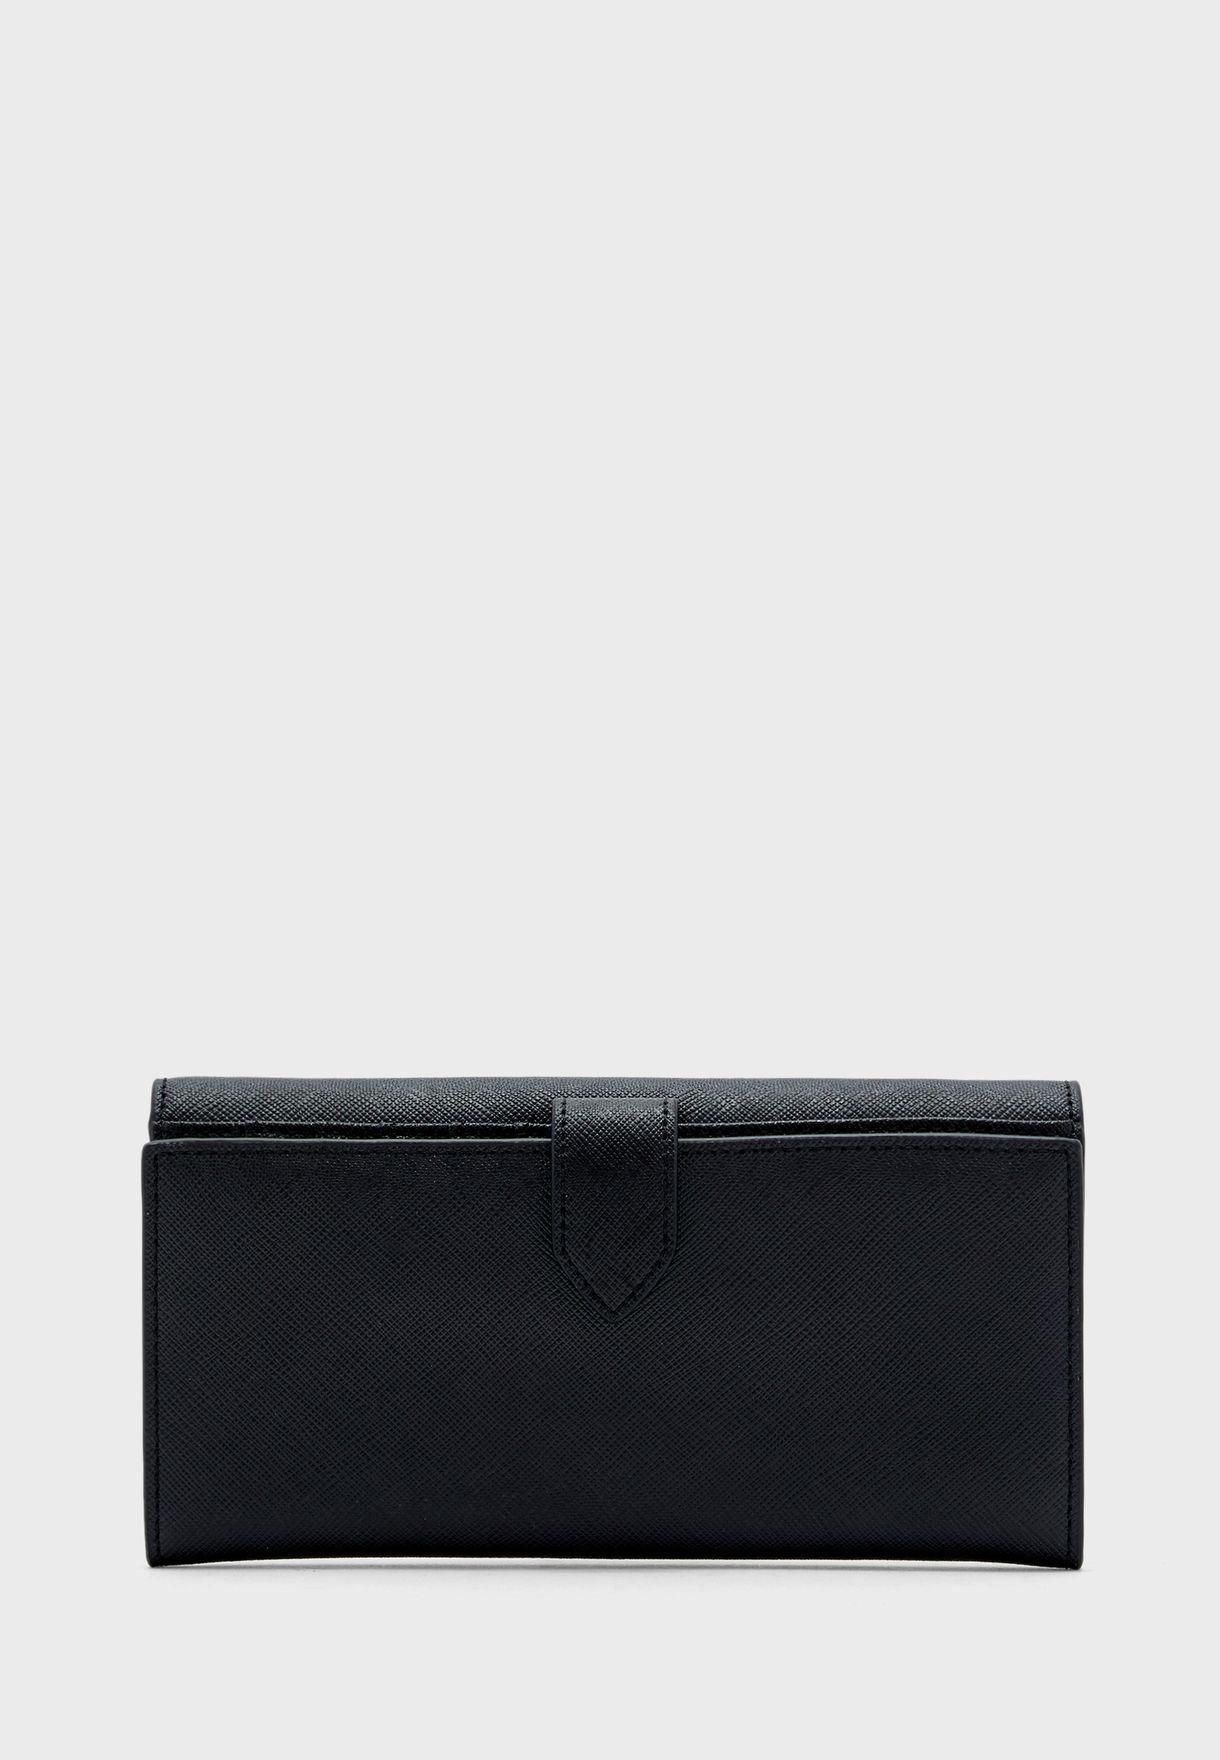 محفظة بنمط كتل الالوان